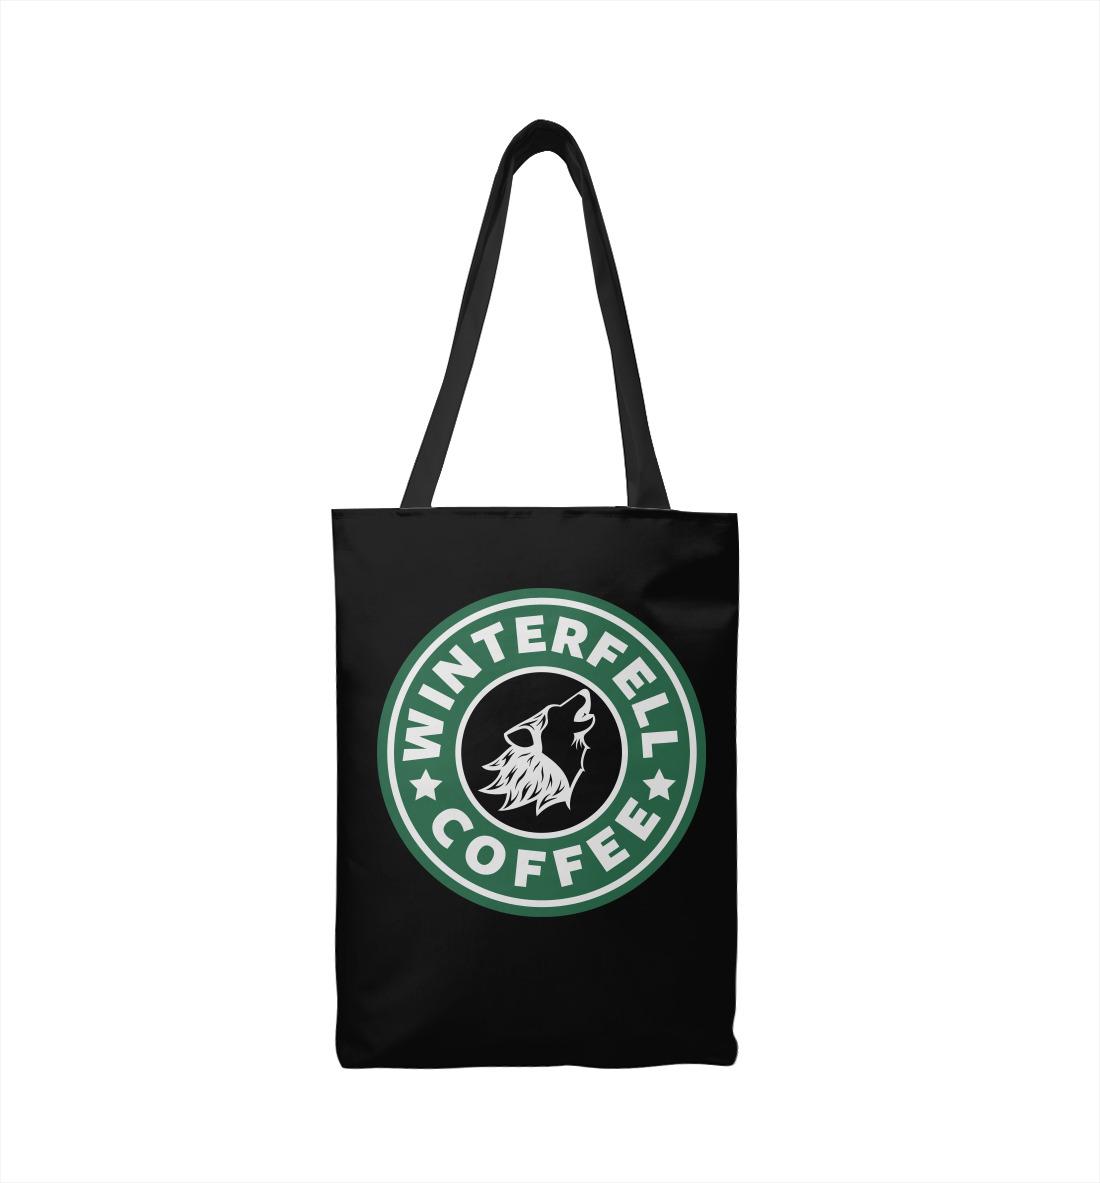 Winterfell coffee